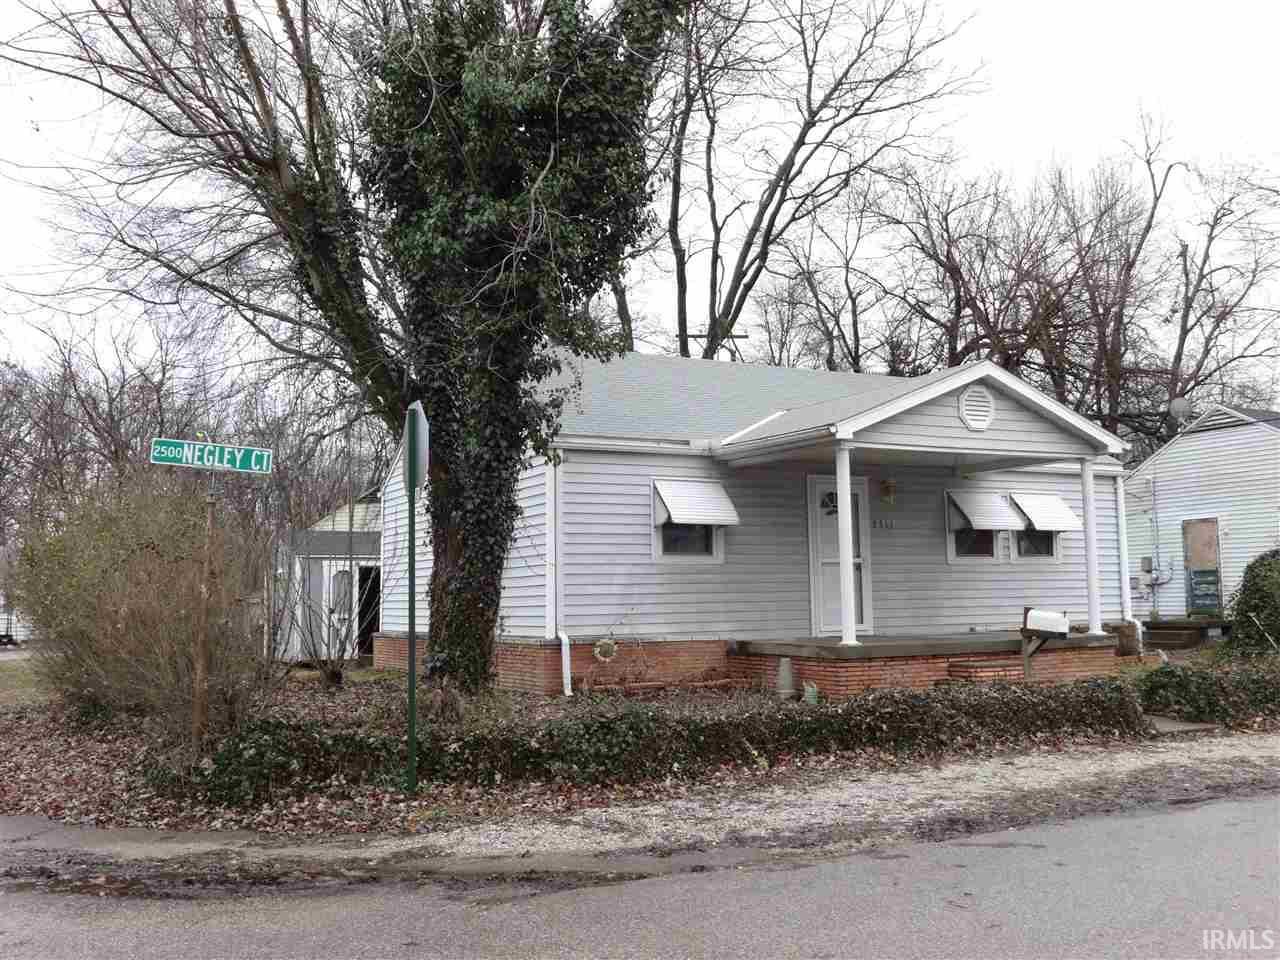 2511 Negley, Evansville, IN 47711